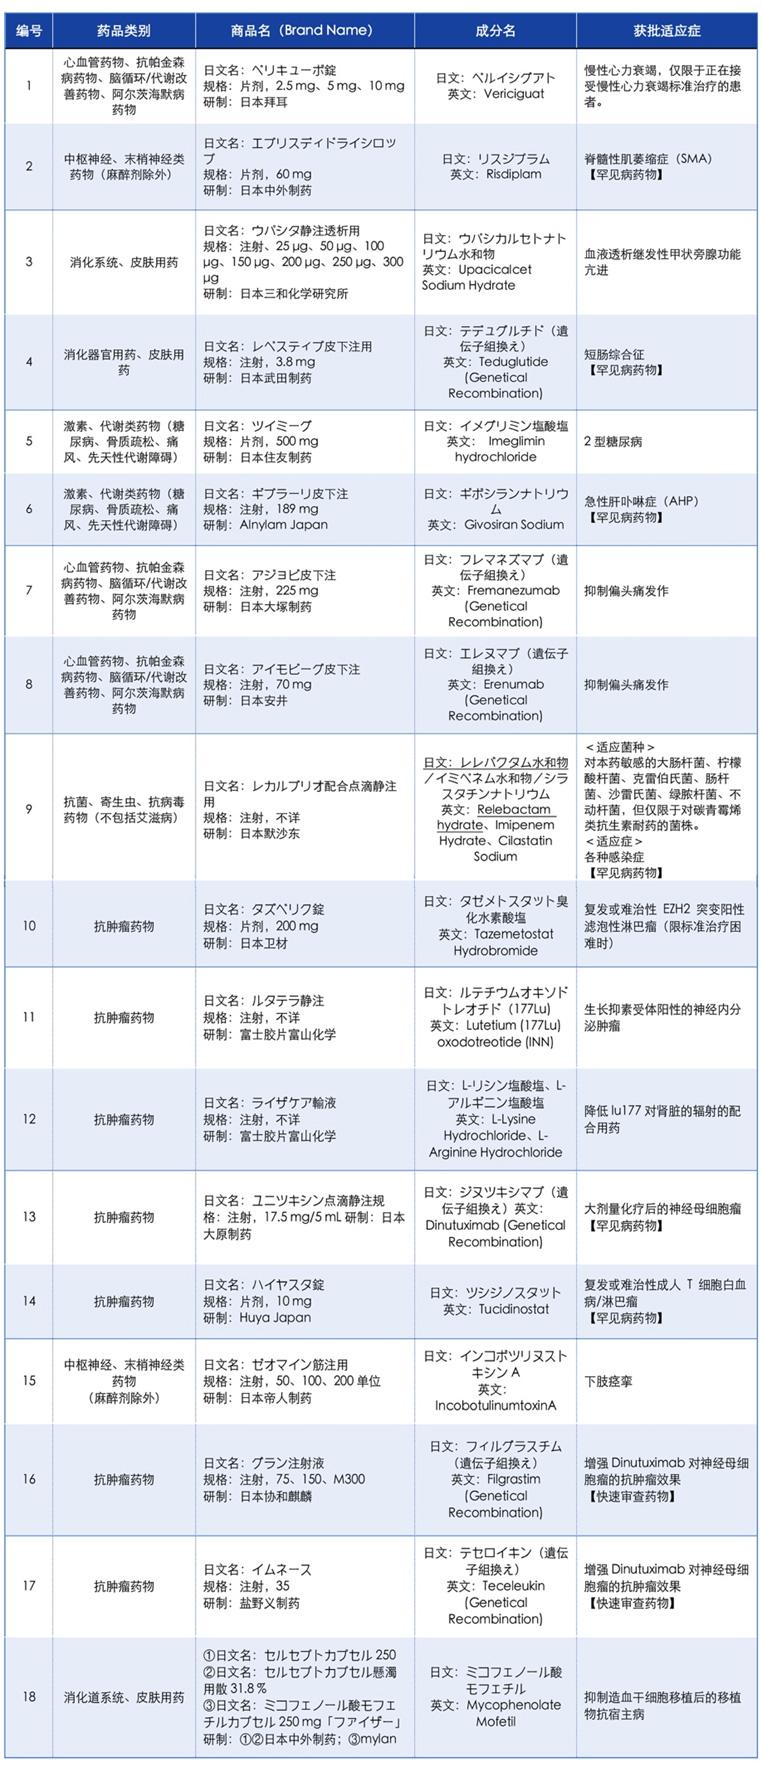 2021年6月日本PMDA批准新药一览